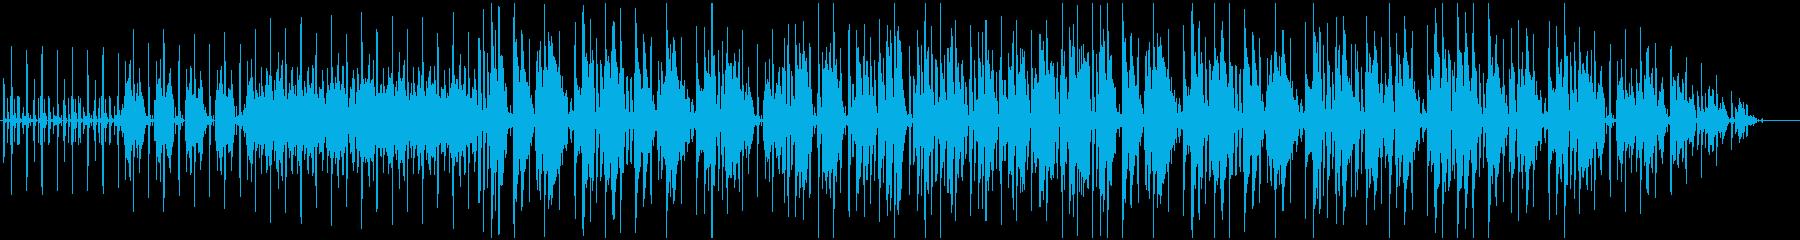 ピアノで大人なJazzyヒップホップの再生済みの波形